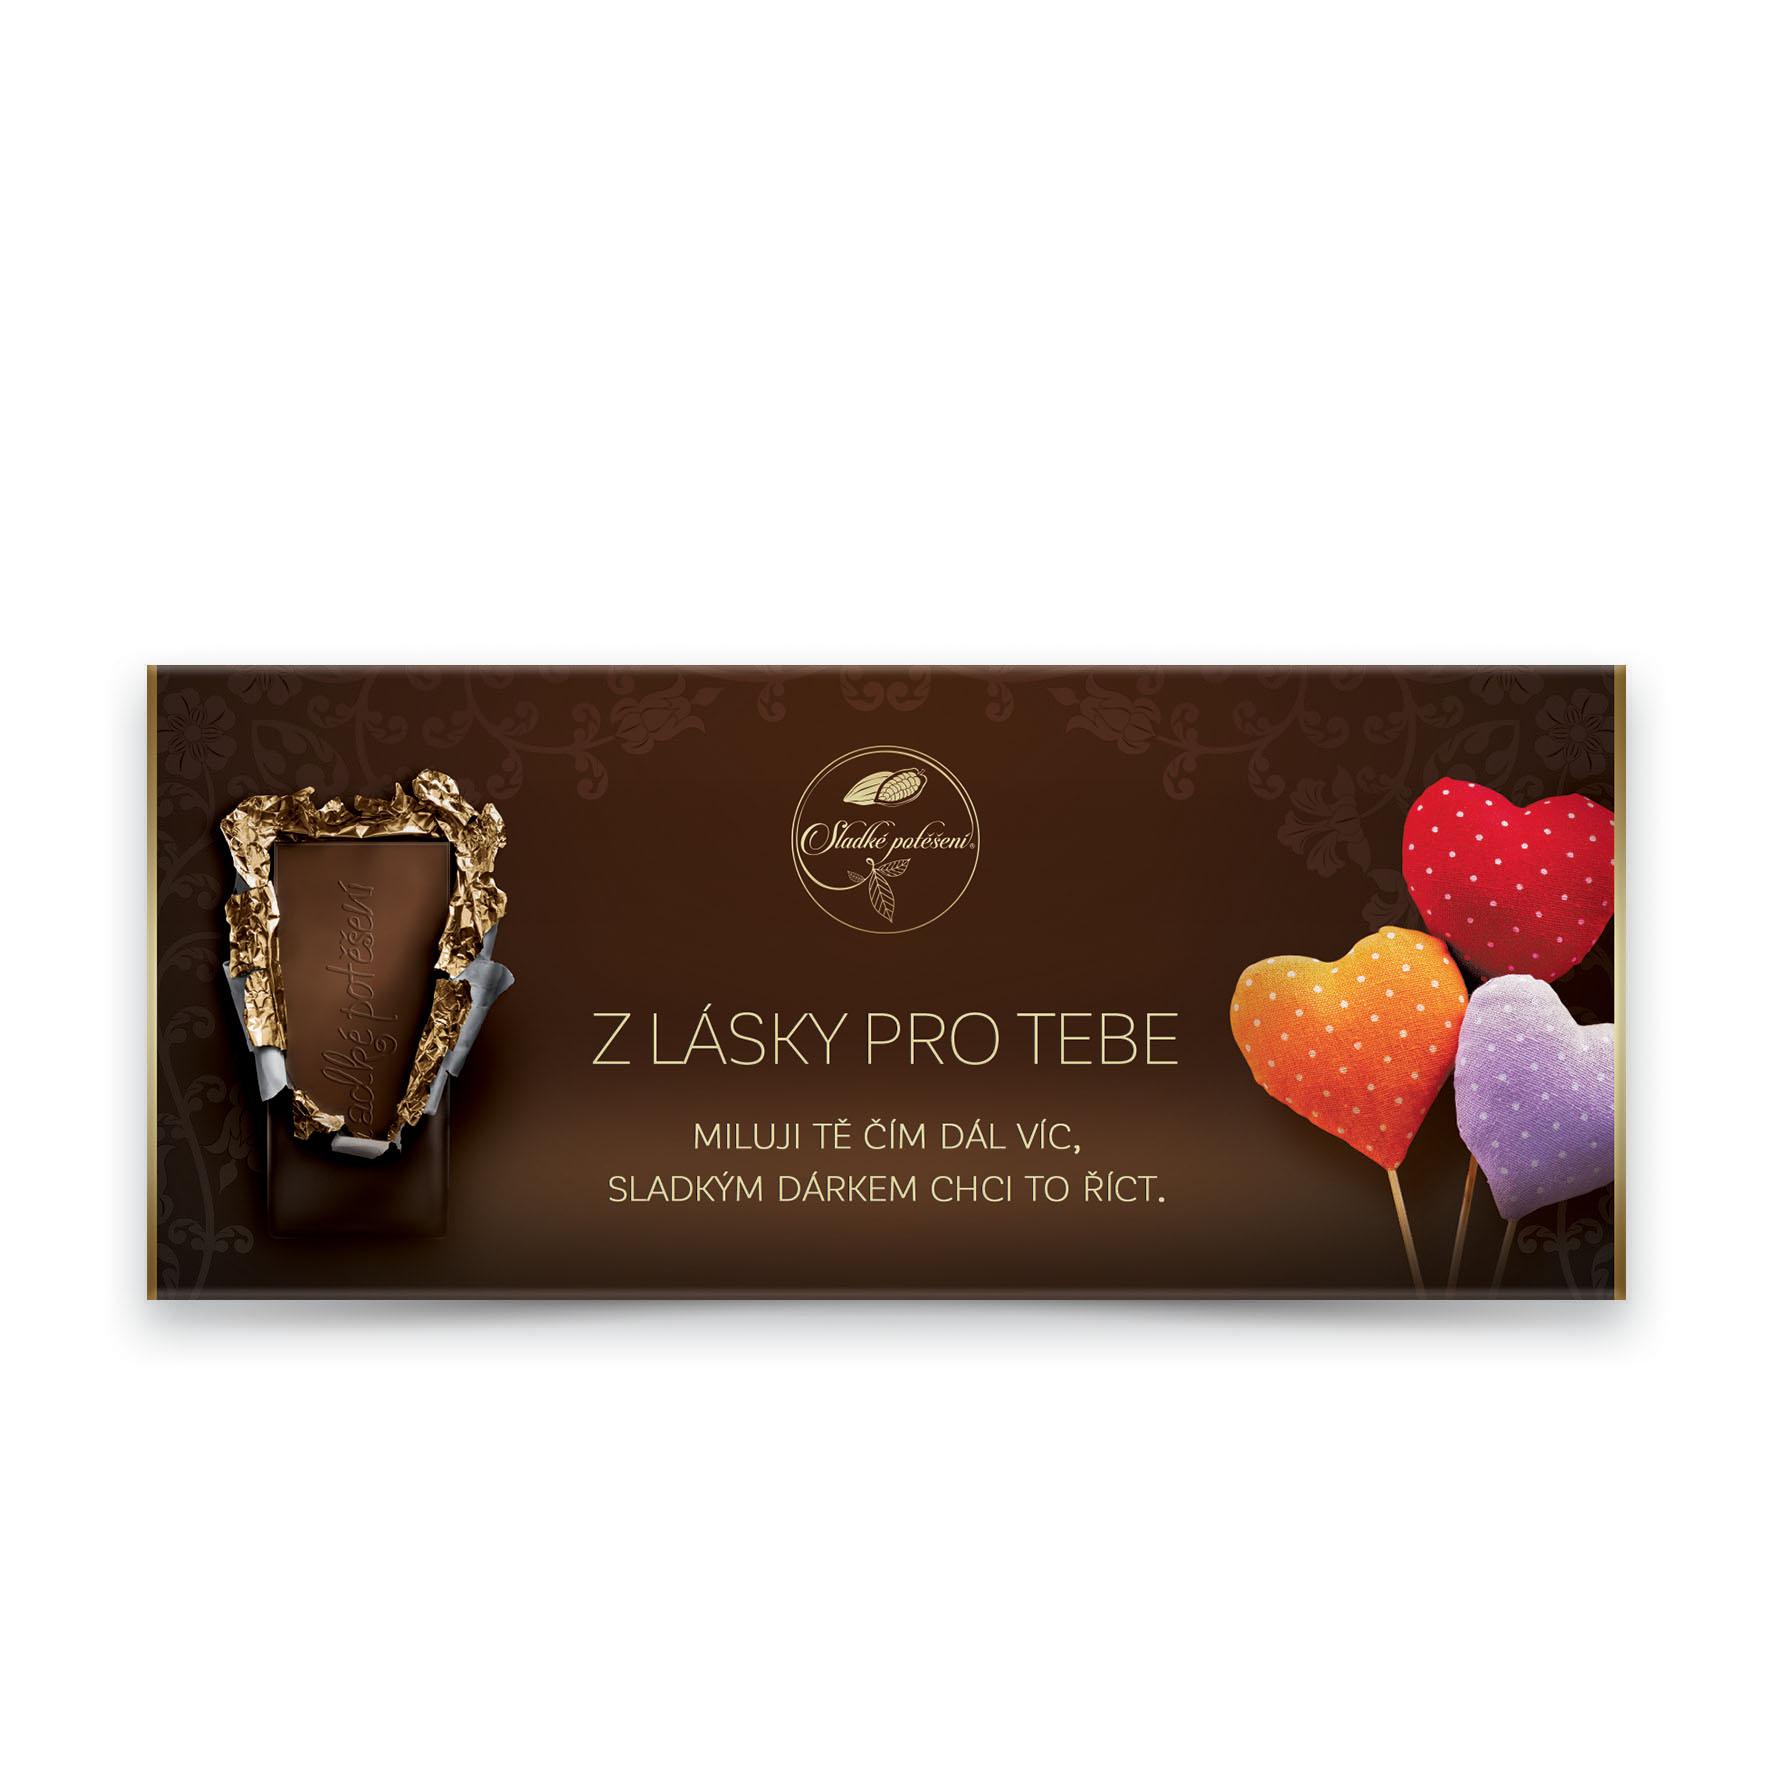 Čokoláda s přáním